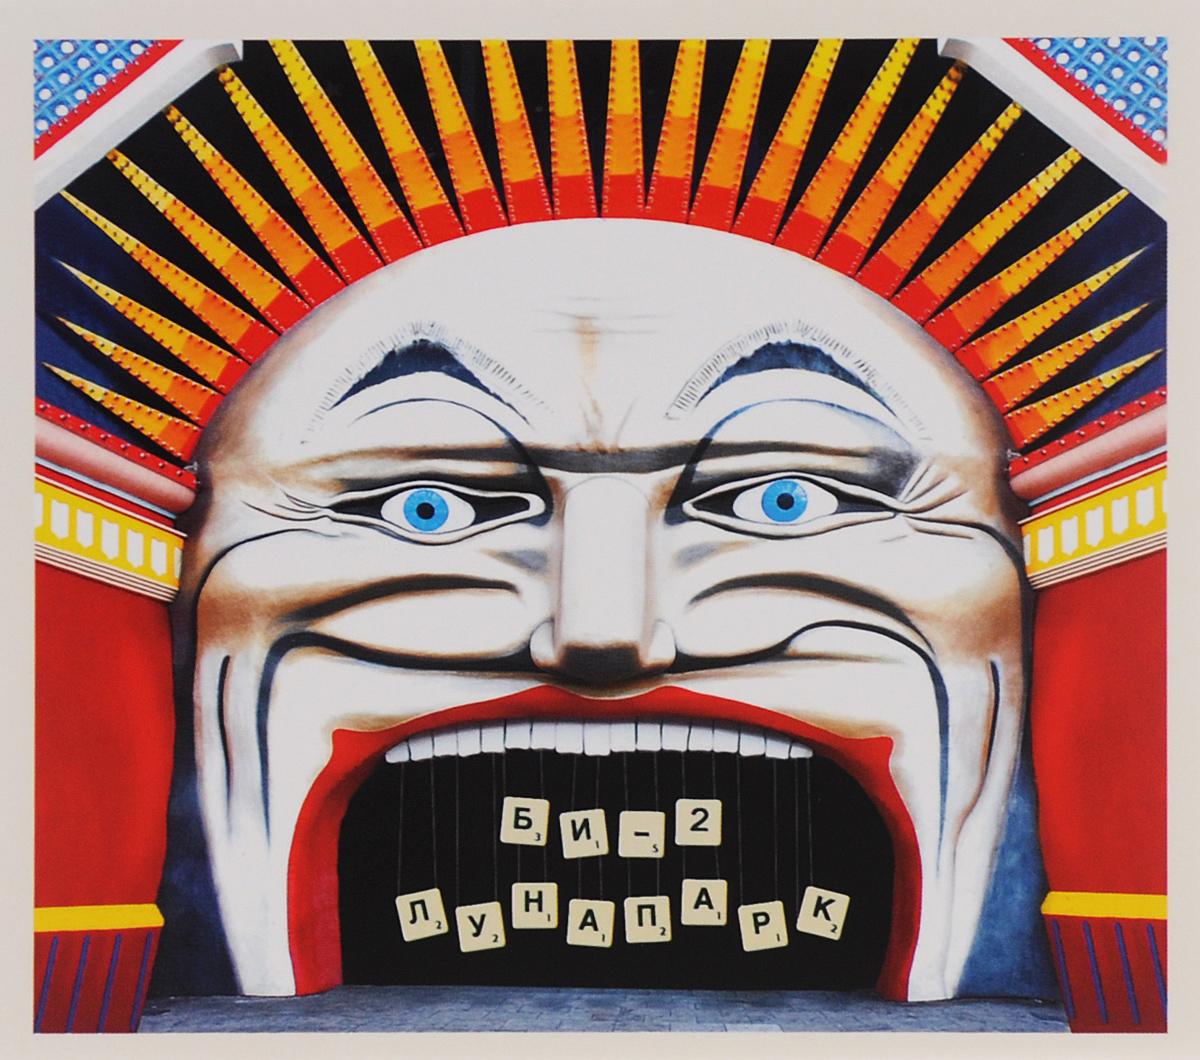 Диски упакованы в картонные конверты и вложены в картонную коробку. Издание содержит постер и буклет с фотографиями.